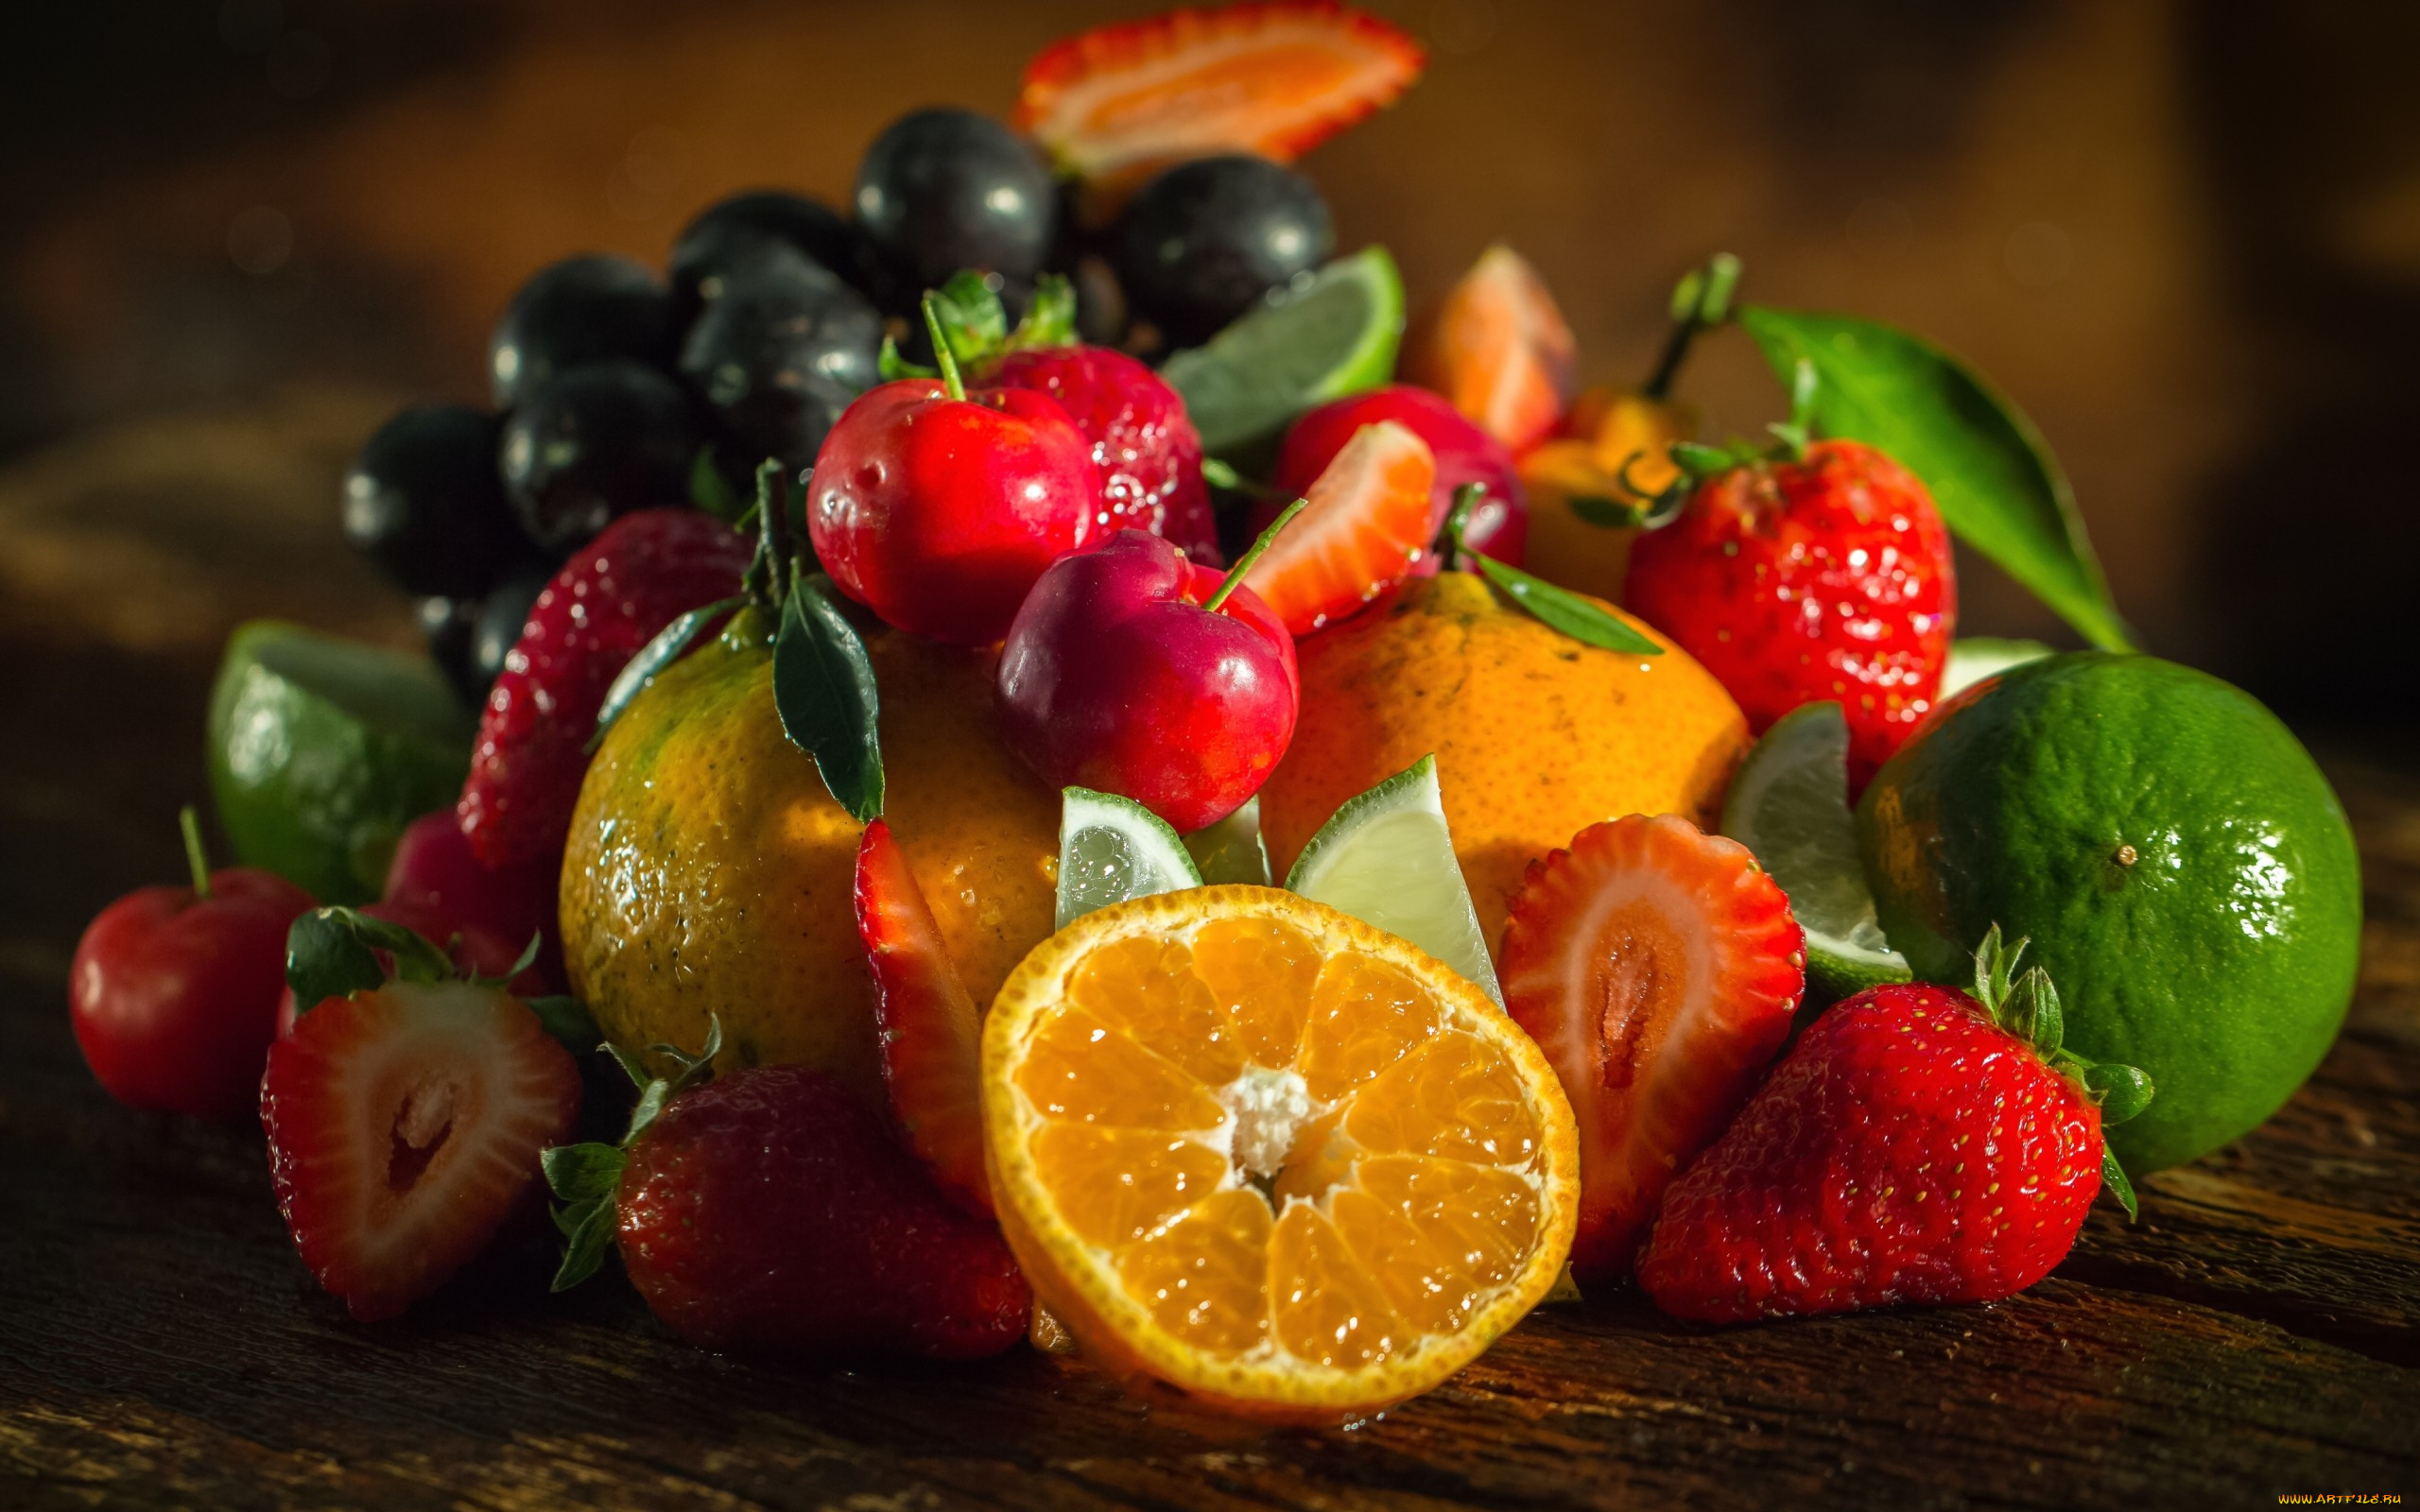 отделочных материалов красивые фото фруктов и ягод собственной разработки, наши